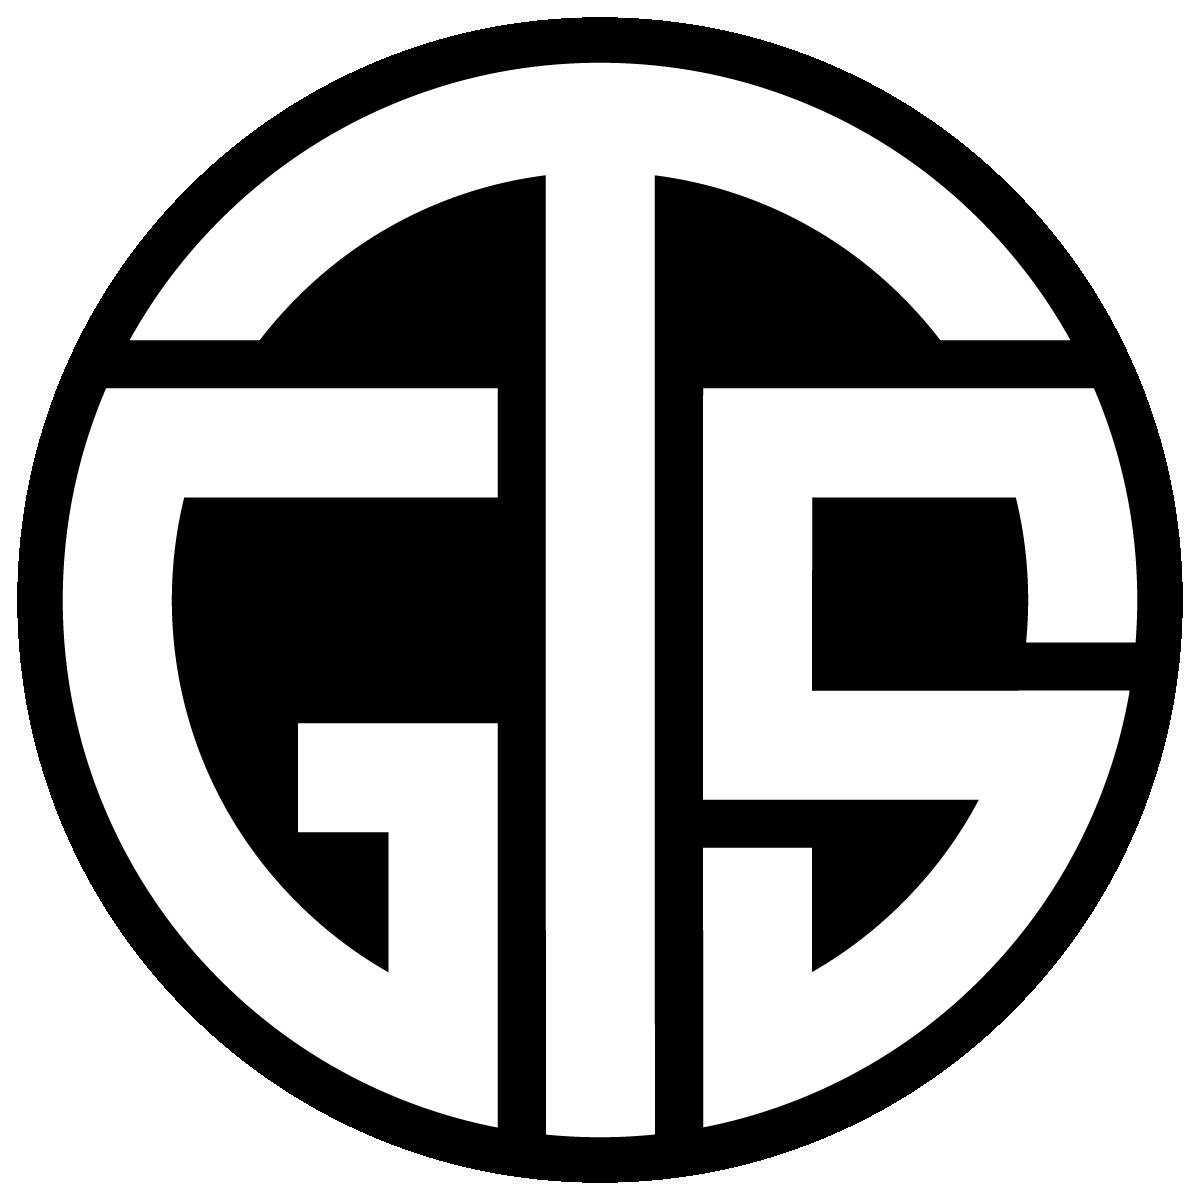 GTS Media Development UG (haftungsbeschränkt) logo